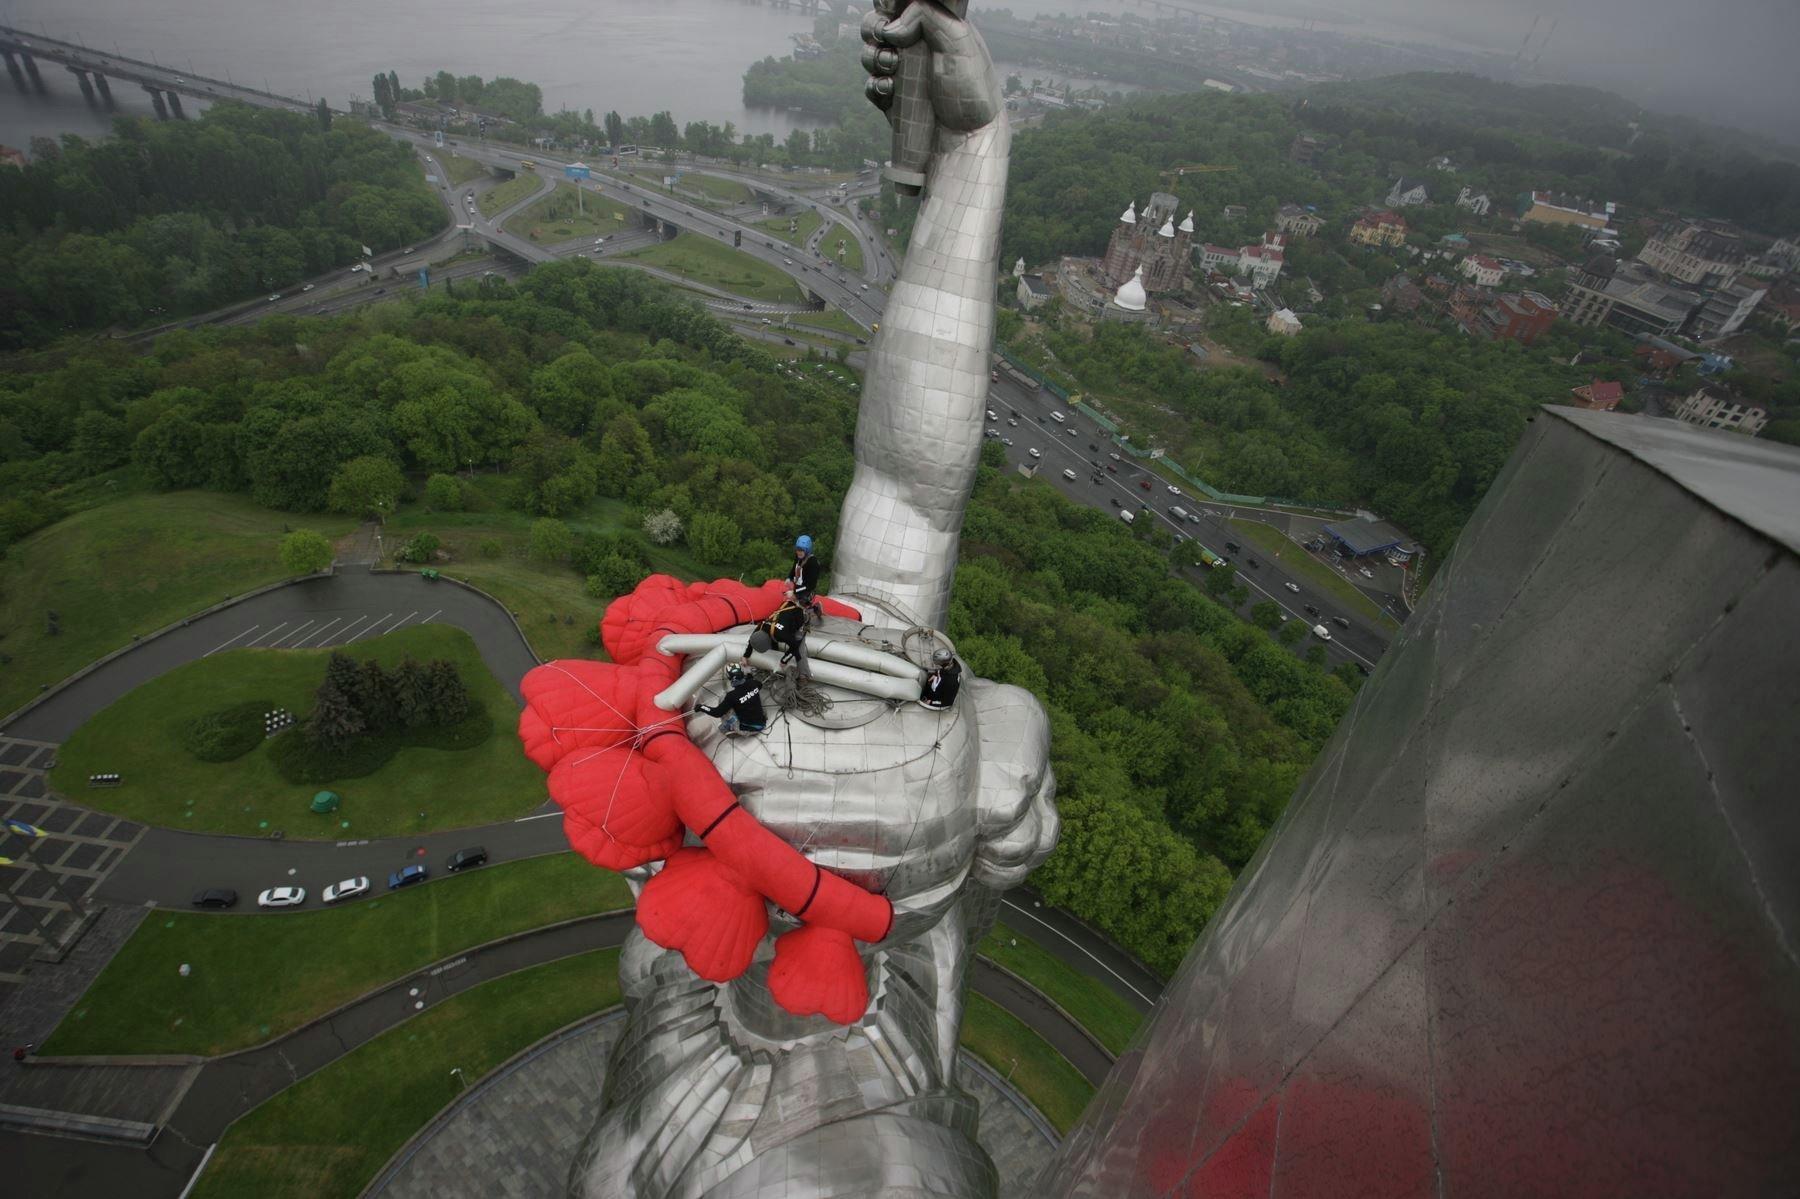 Снимки сделаны в мае текущего года, статуя наряжена надувным венком из полиэстера ко дню победы